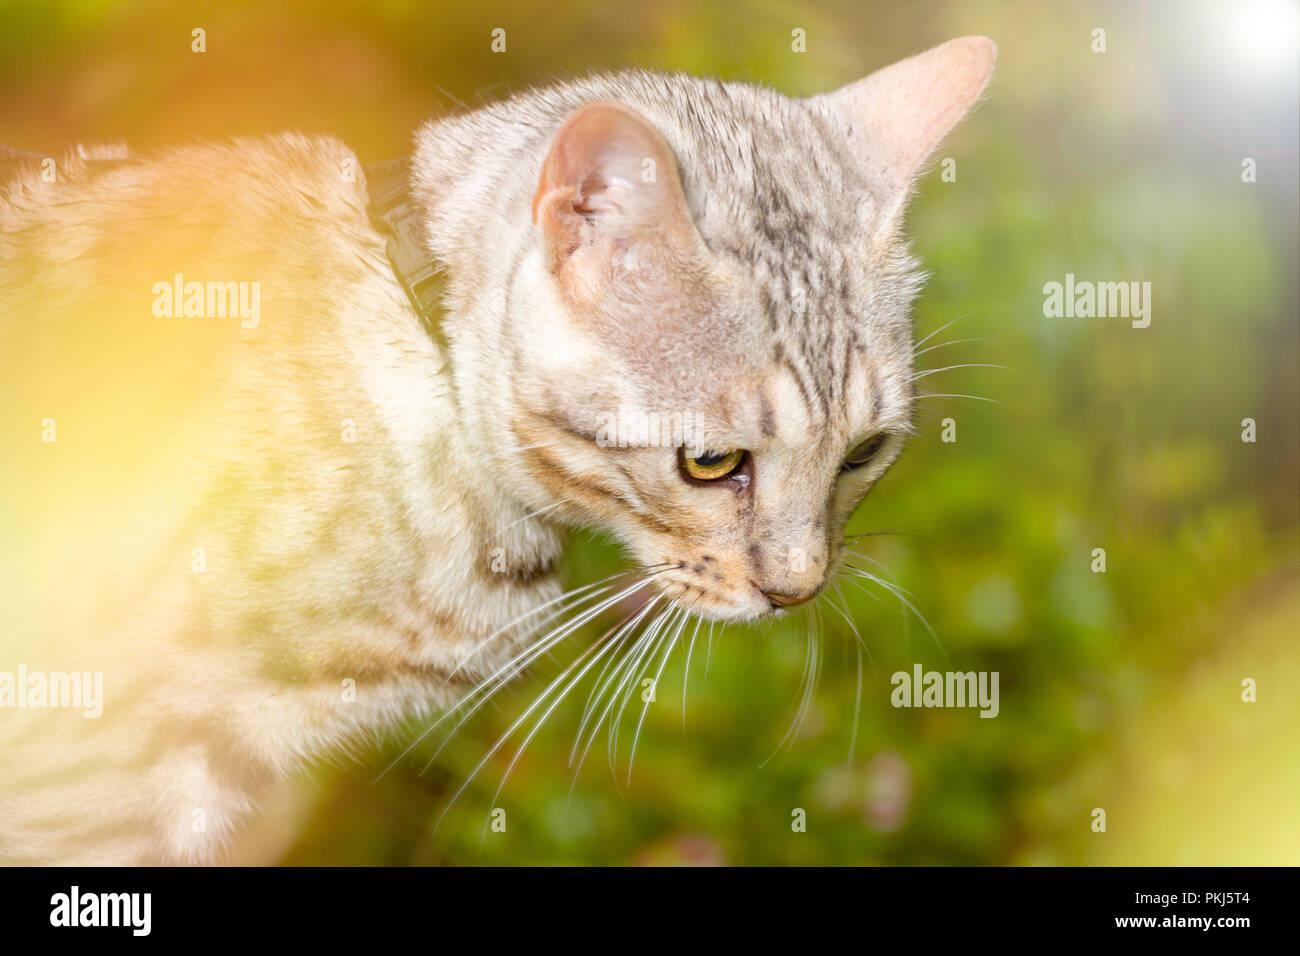 Beau mâle chaton Bengal silver portrait en extérieur avec sun flare Photo Stock